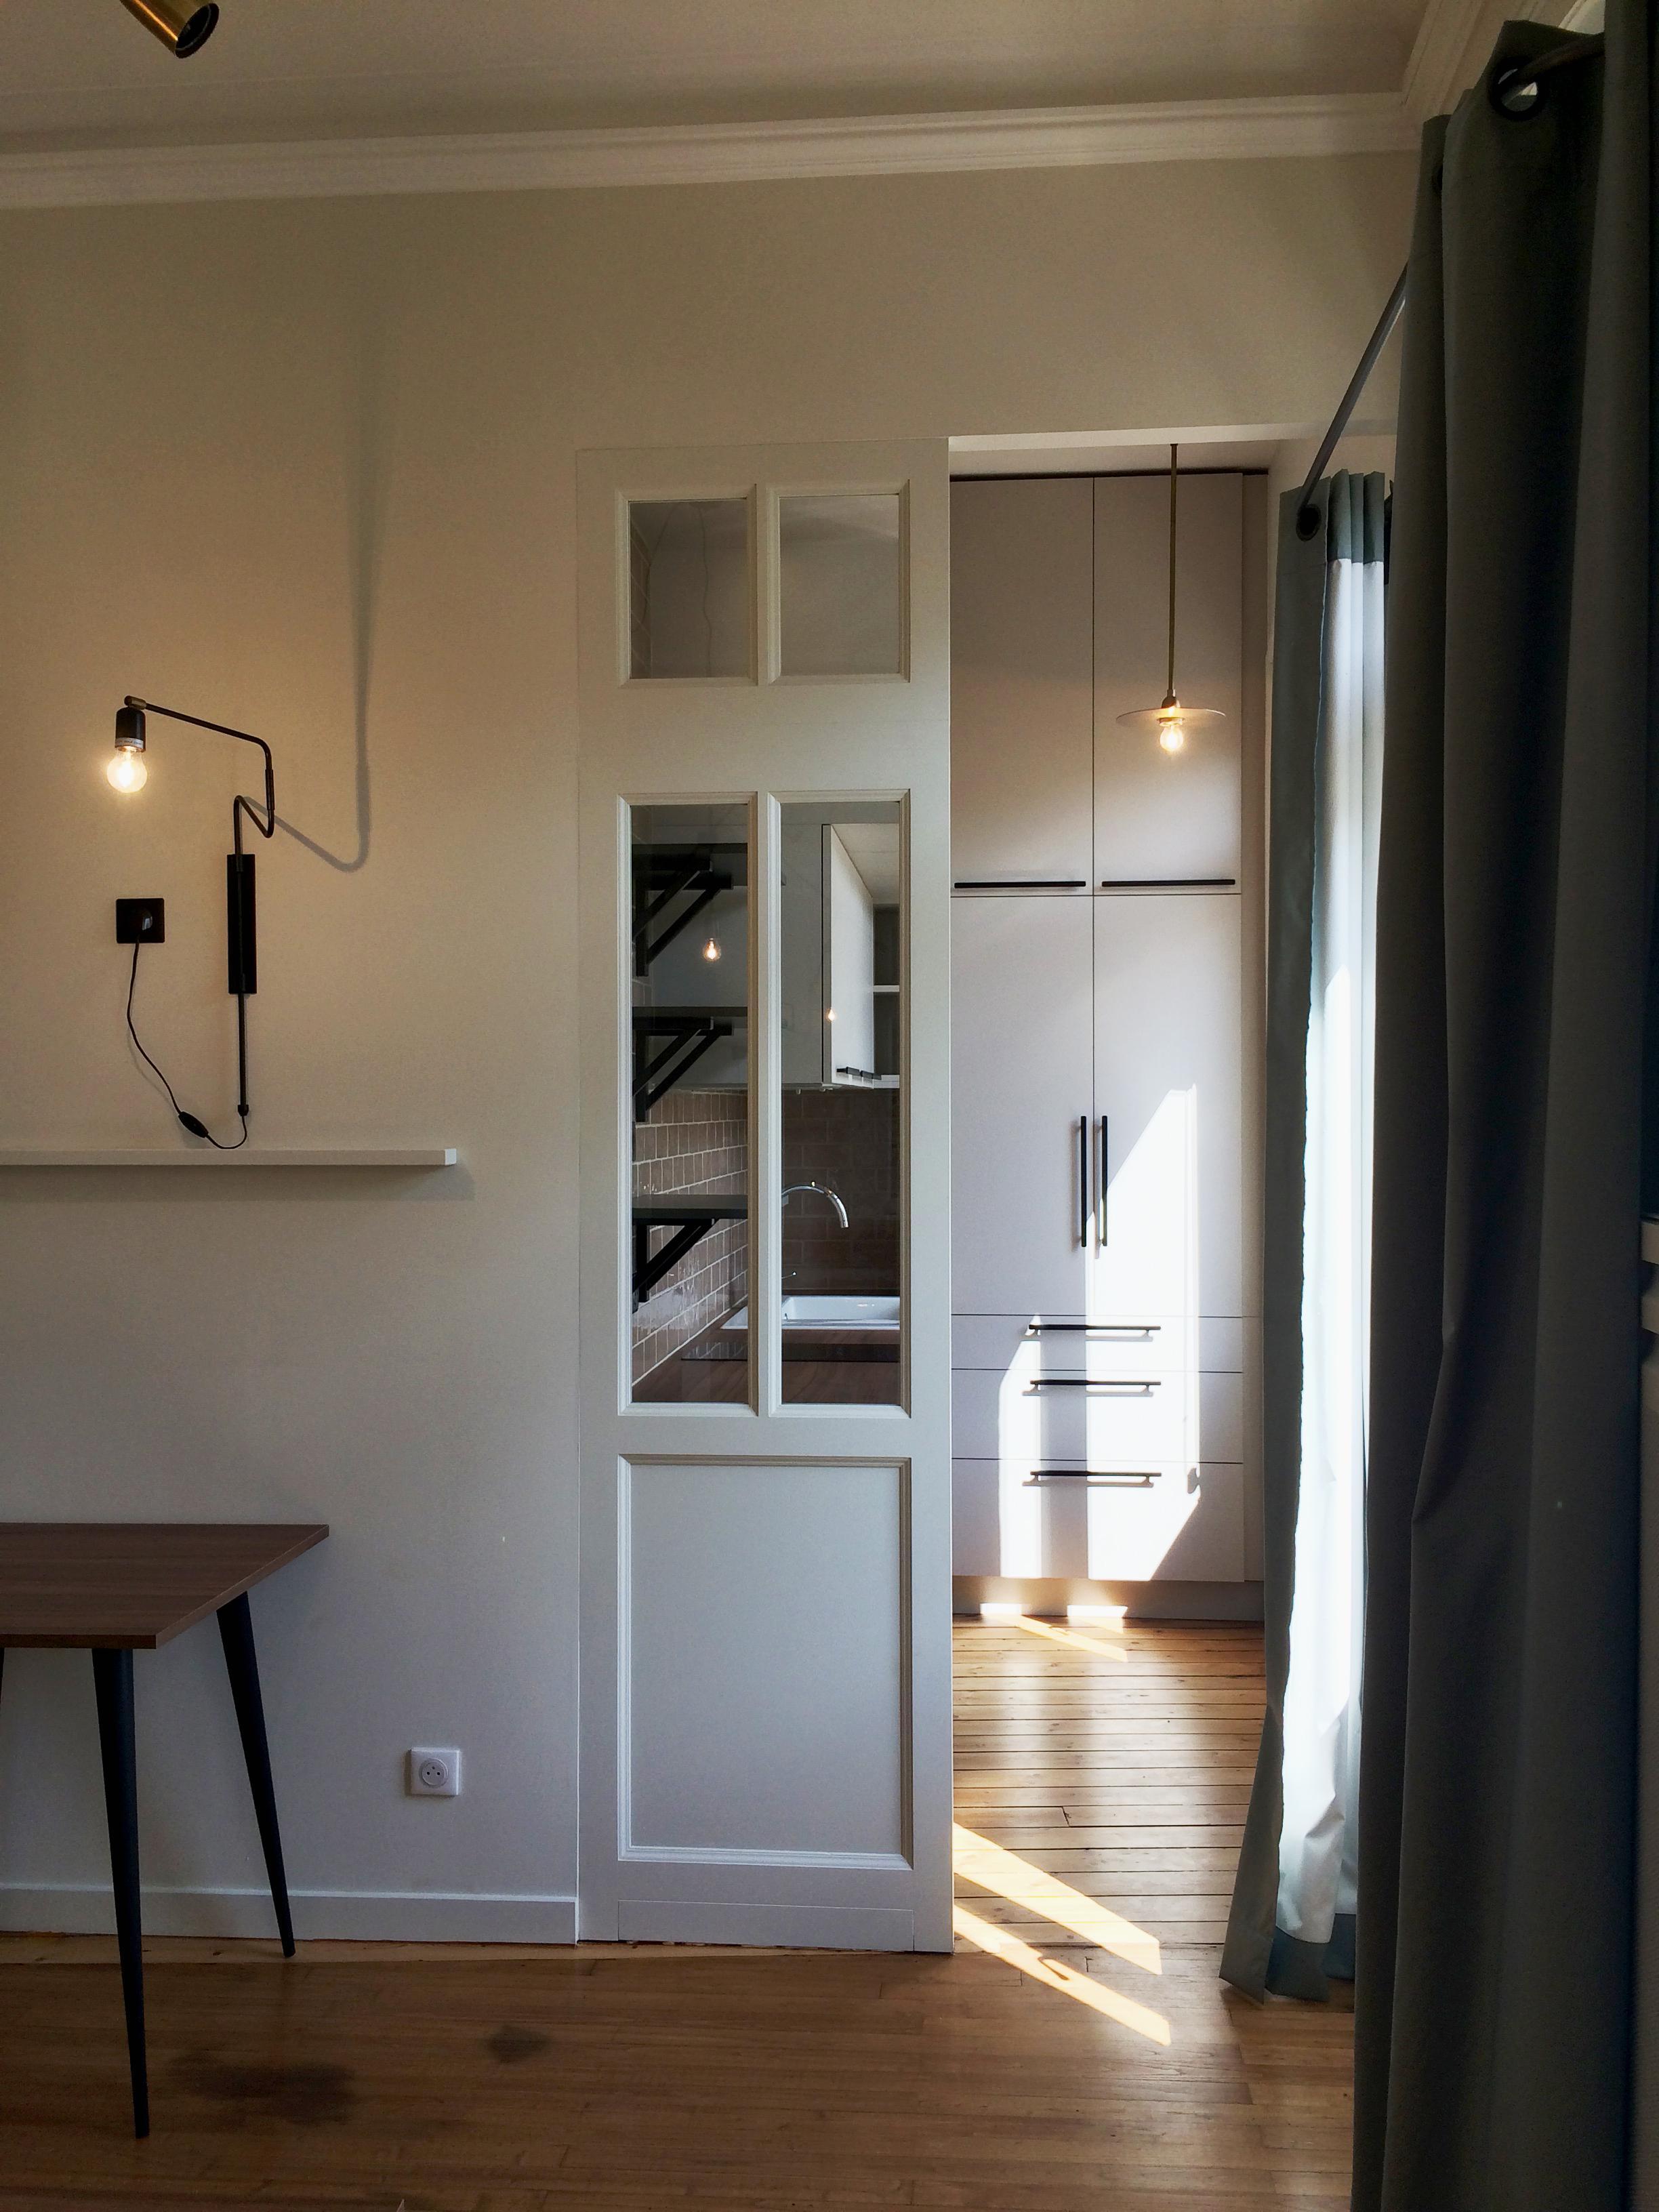 fran oise nathalie manicot architecte d 39 int rieur et d coration. Black Bedroom Furniture Sets. Home Design Ideas